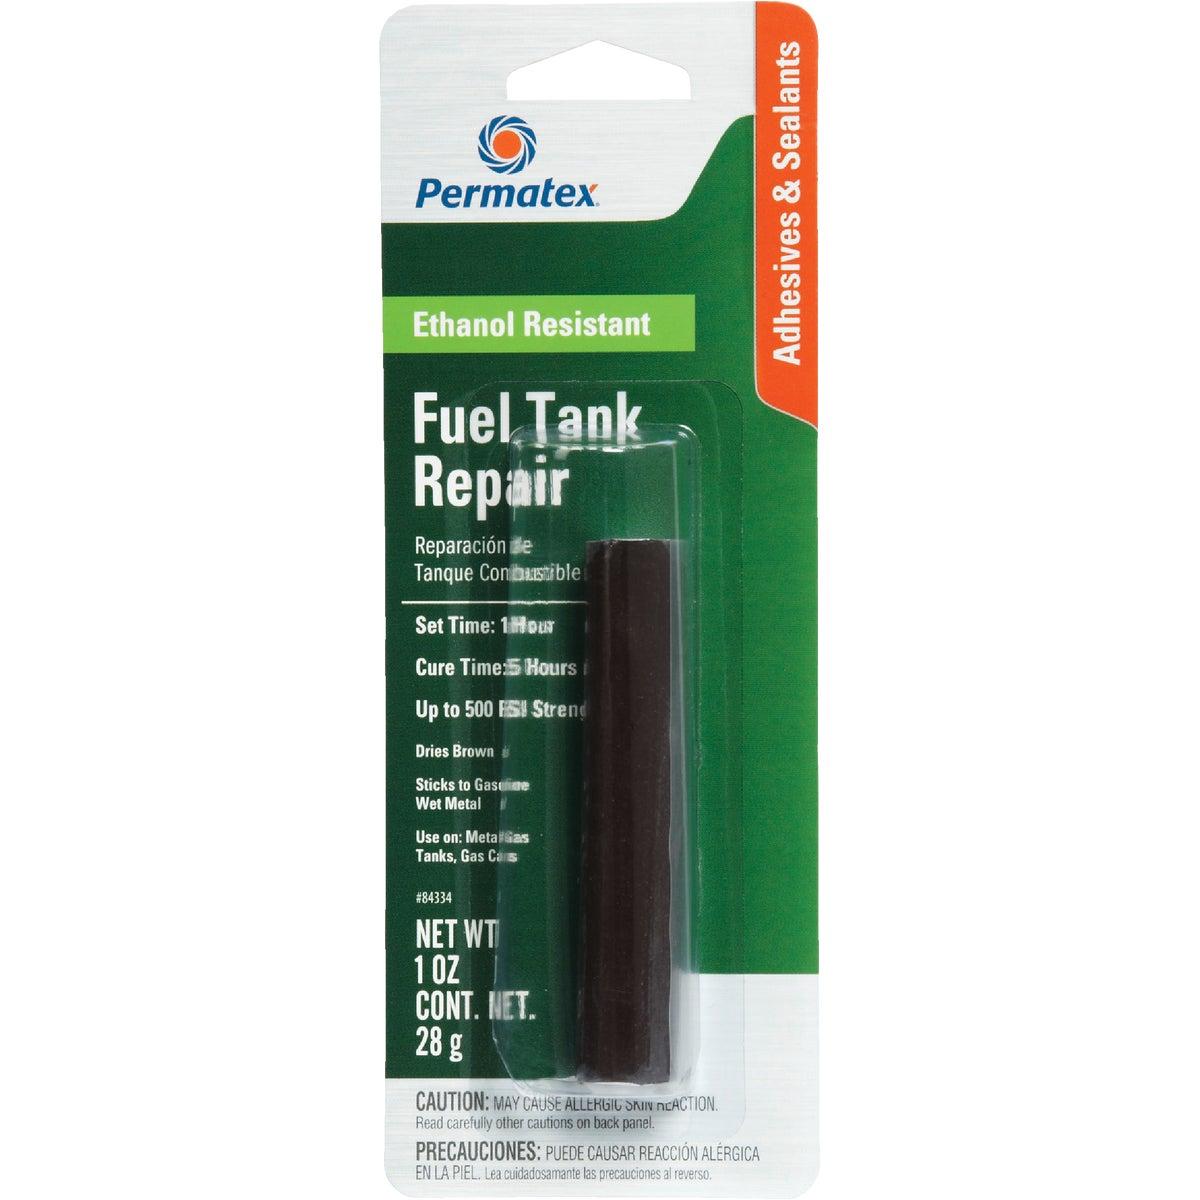 1Oz Fuel Tank Repair